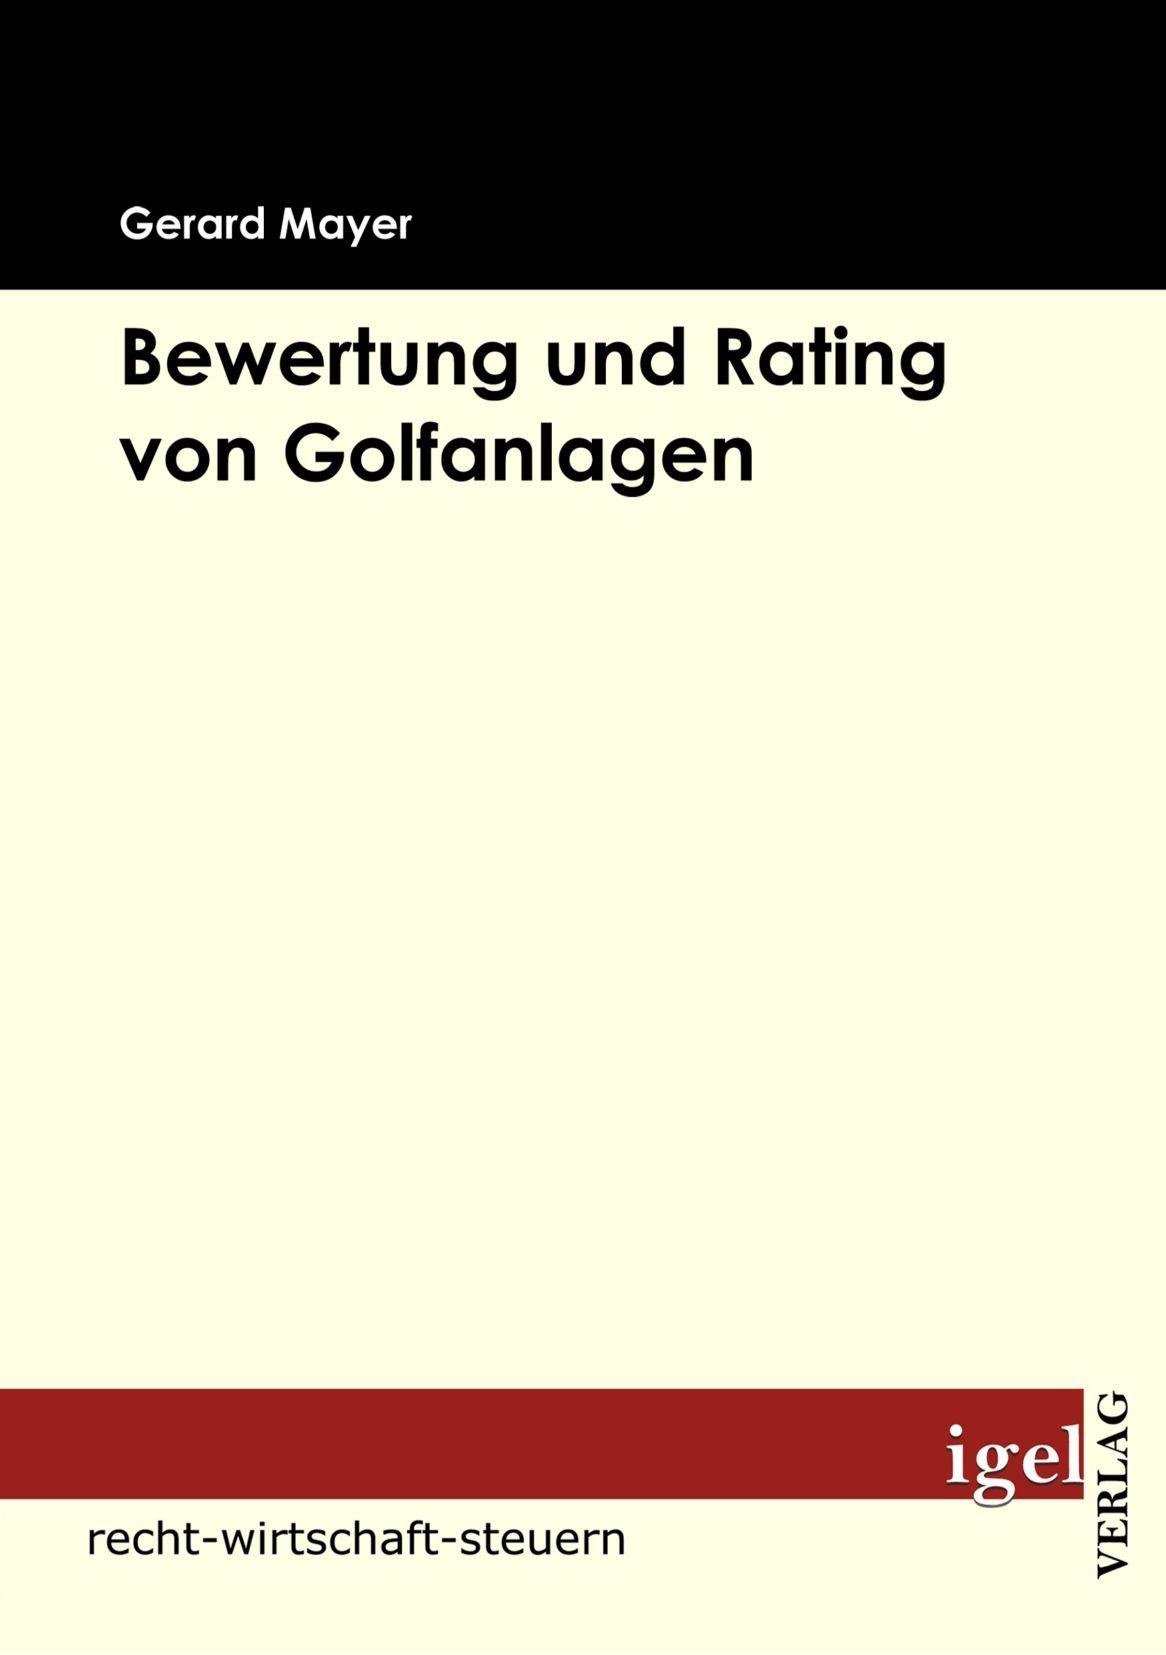 Integrierte Bewertung von Golfanlagen Taschenbuch – 2. April 2009 Gerard Mayer Igel Verlag Fachbuch 3868151648 Betriebswirtschaft